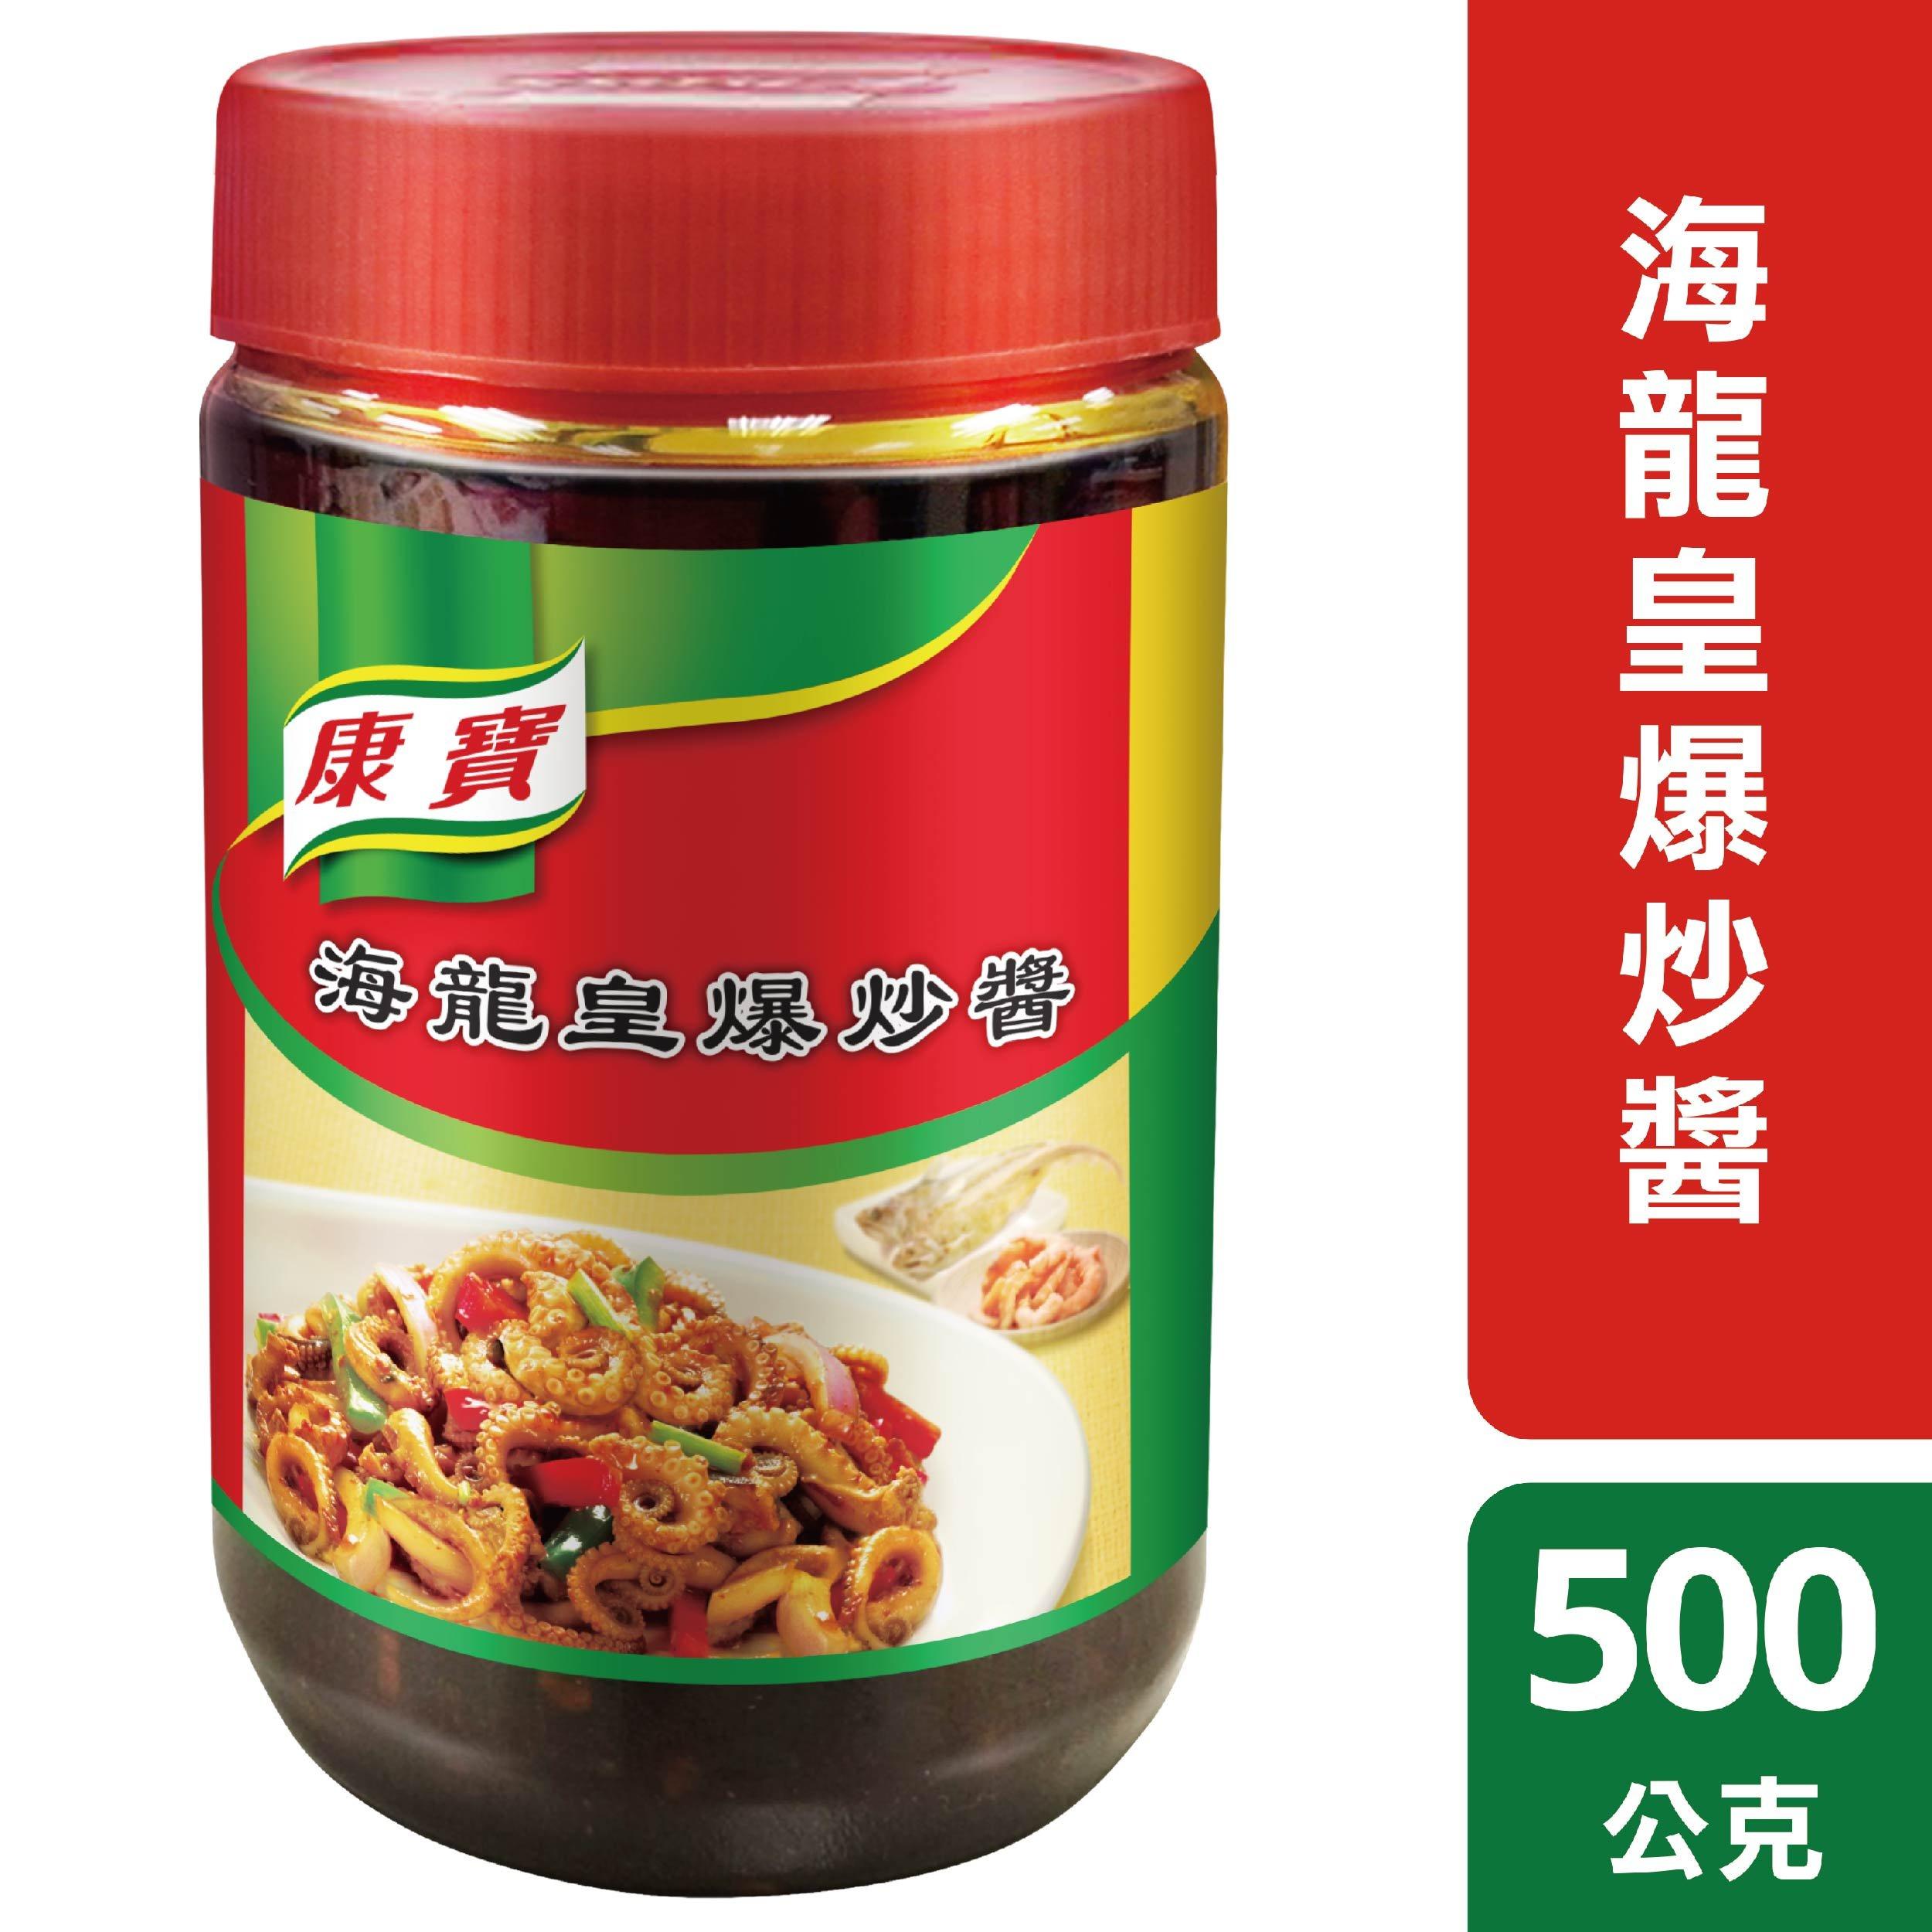 康寶海龍皇爆炒醬